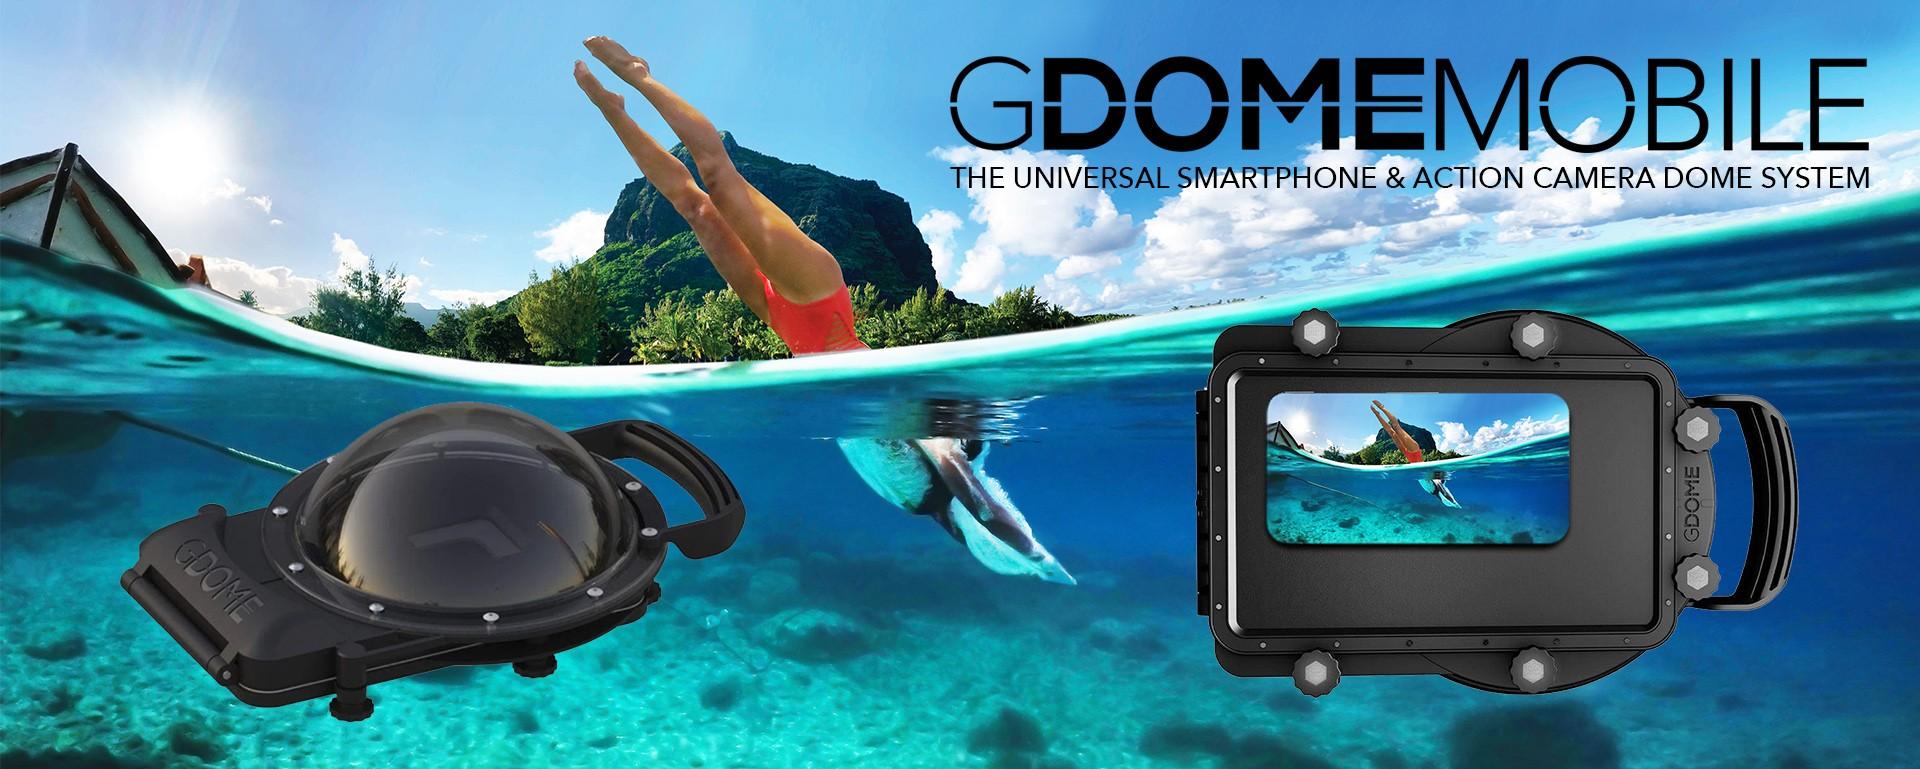 GDome mobile